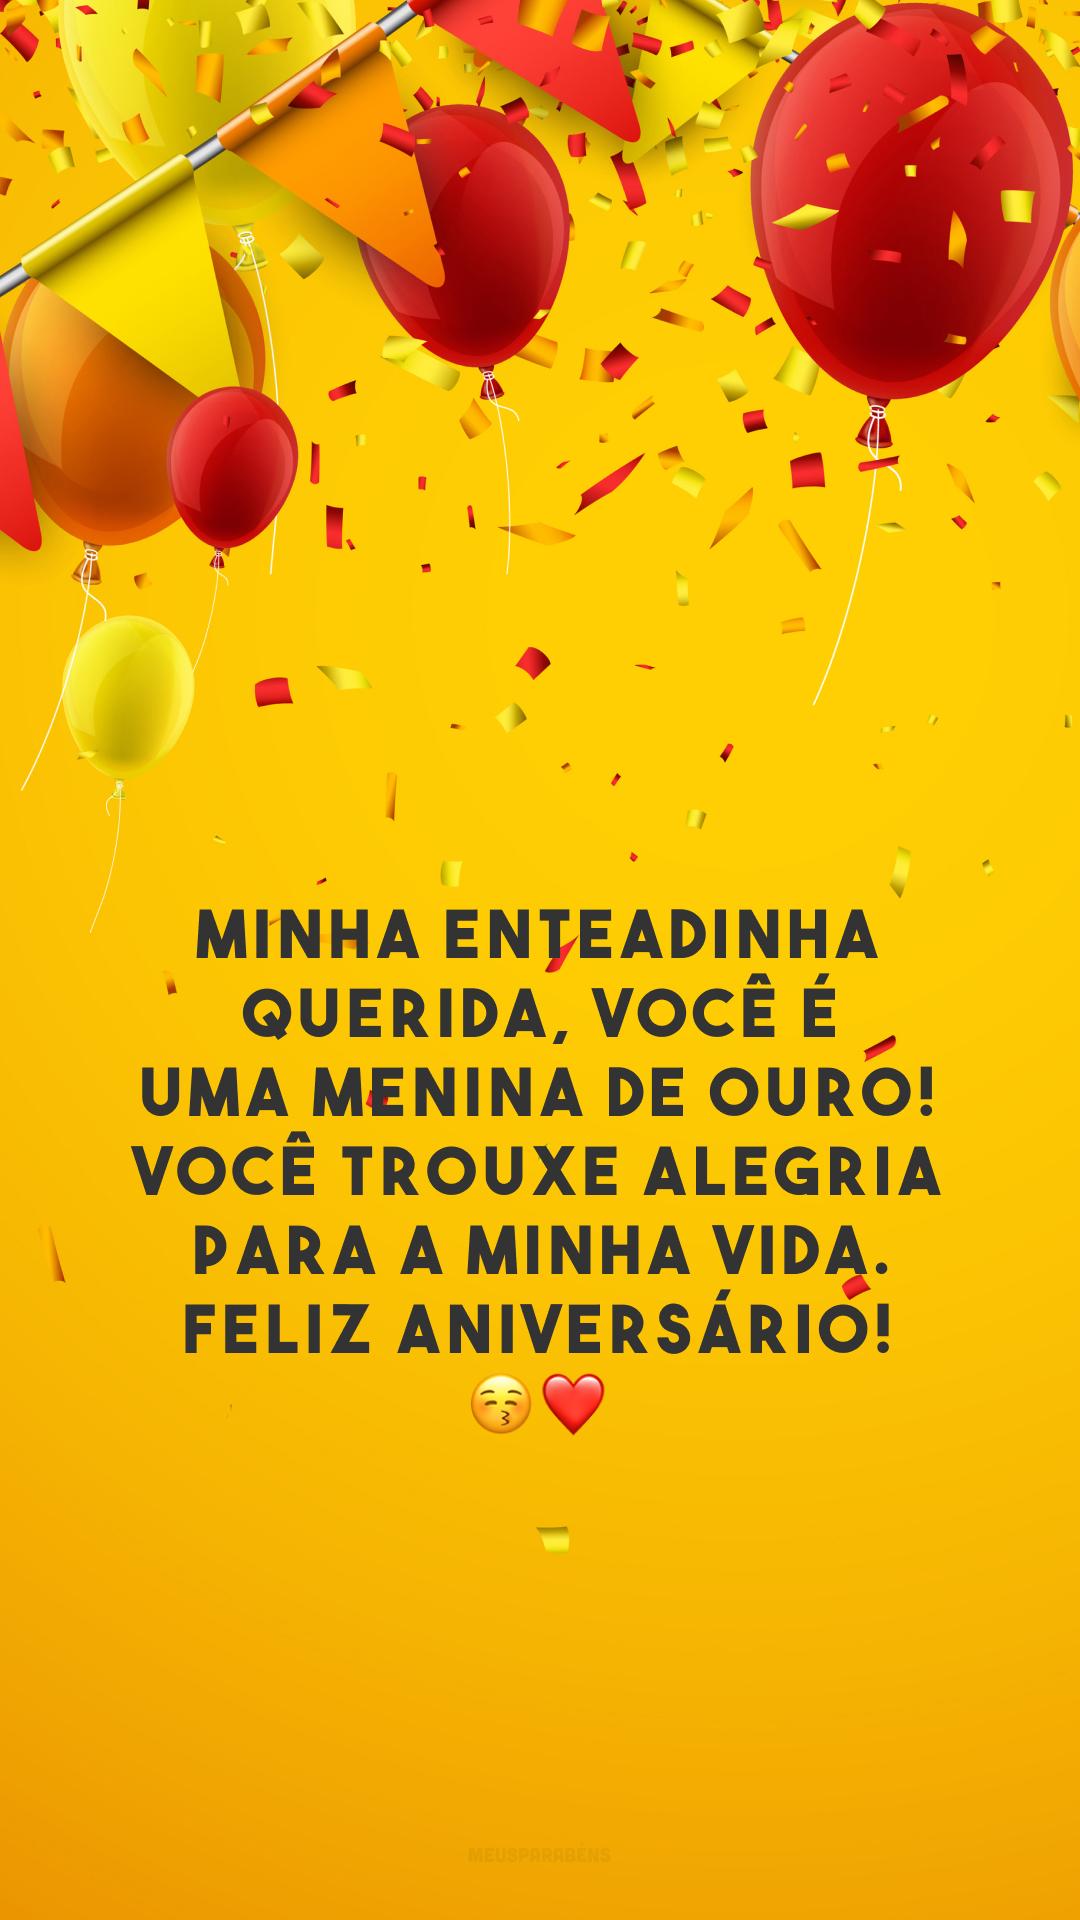 Minha enteadinha querida, você é uma menina de ouro! Você trouxe alegria para a minha vida. Feliz aniversário! 😚❤️